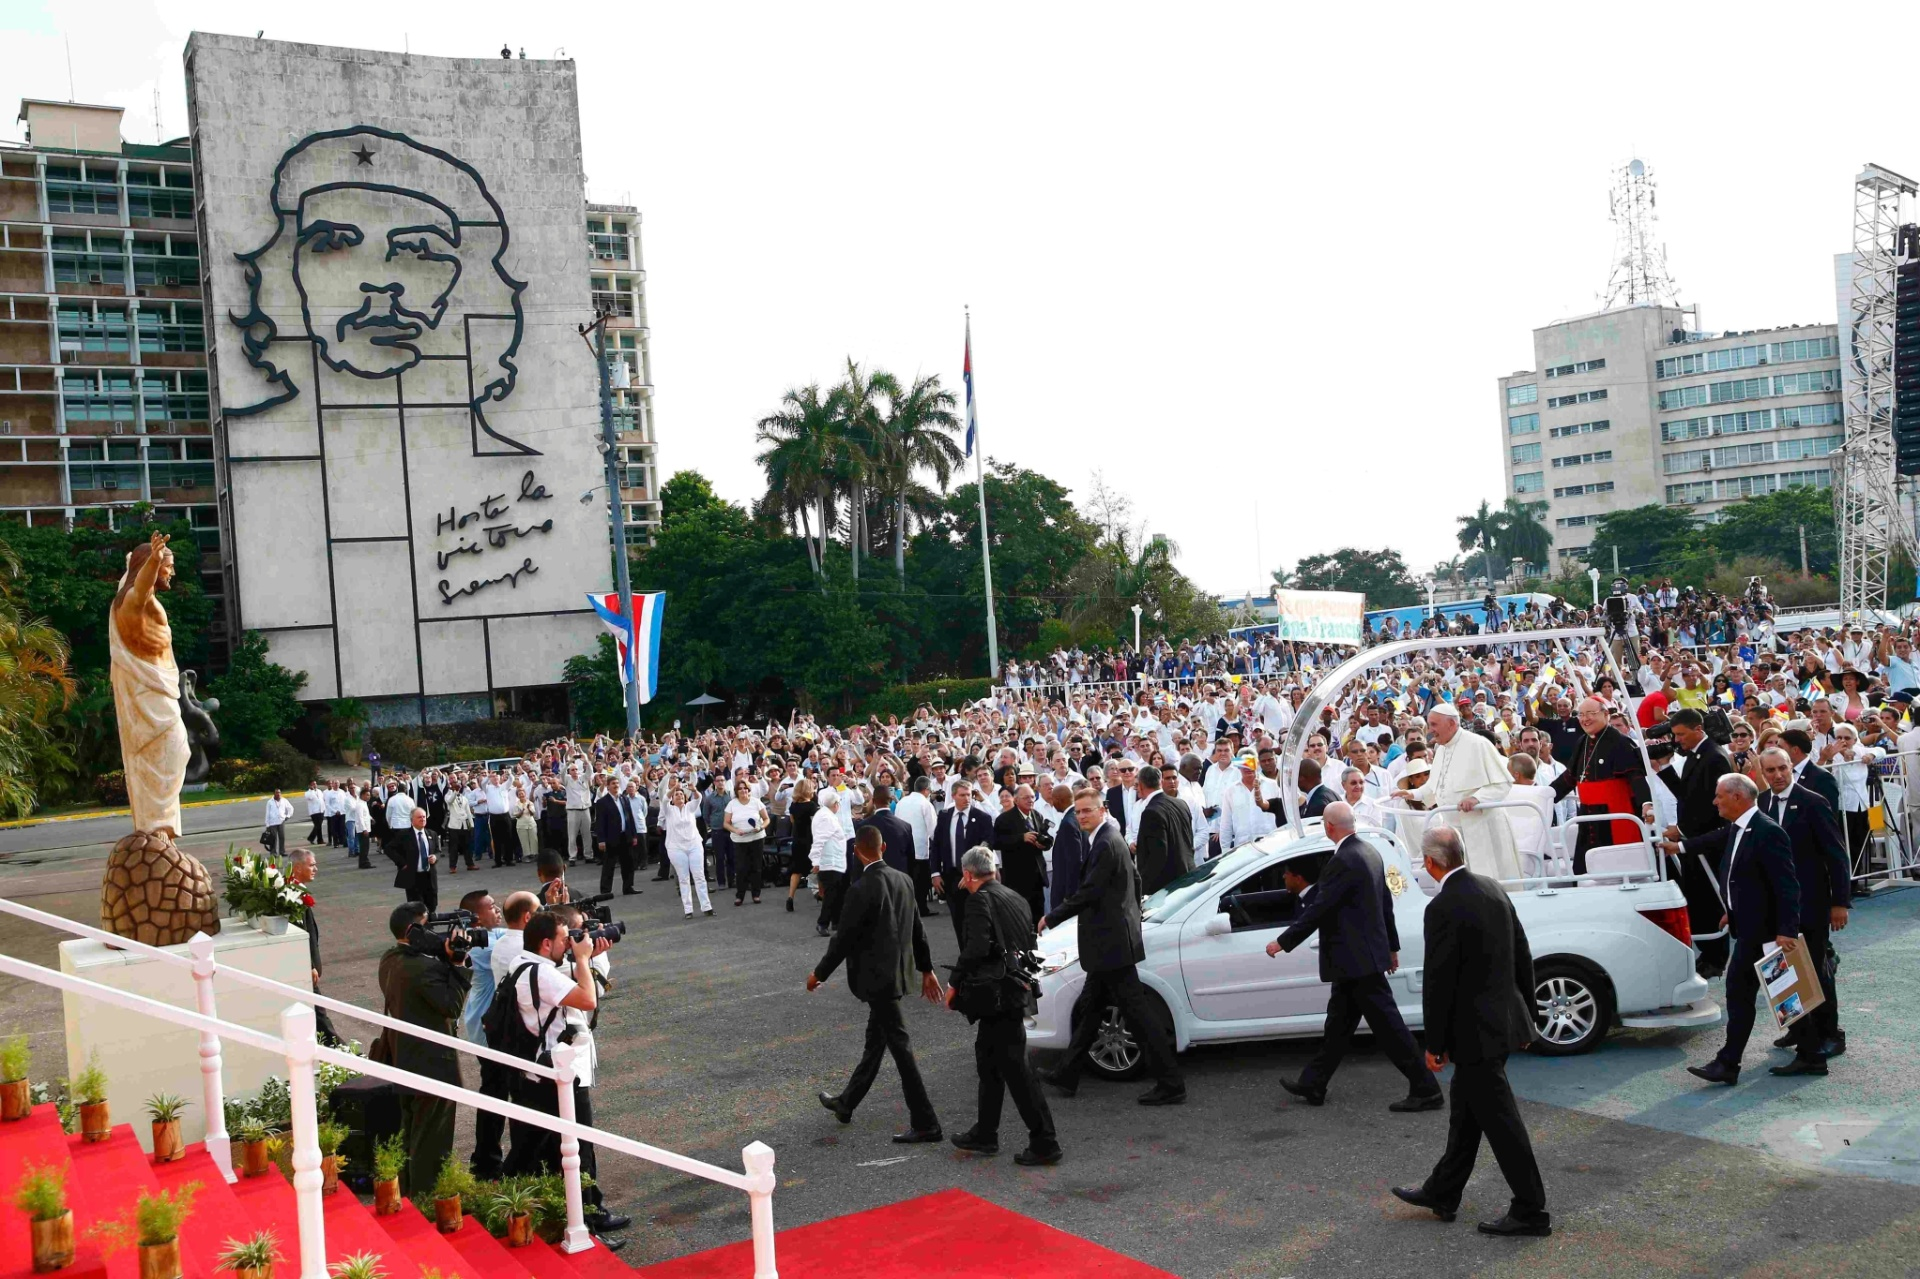 20.set.2015 - Papa Francisco chega na Praça da Revolução, em Havana, Cuba, para celebrar missa, no segundo dia de sua visita a Cuba. Milhares de cubanos se reuniram no local desde a madrugada deste domingo